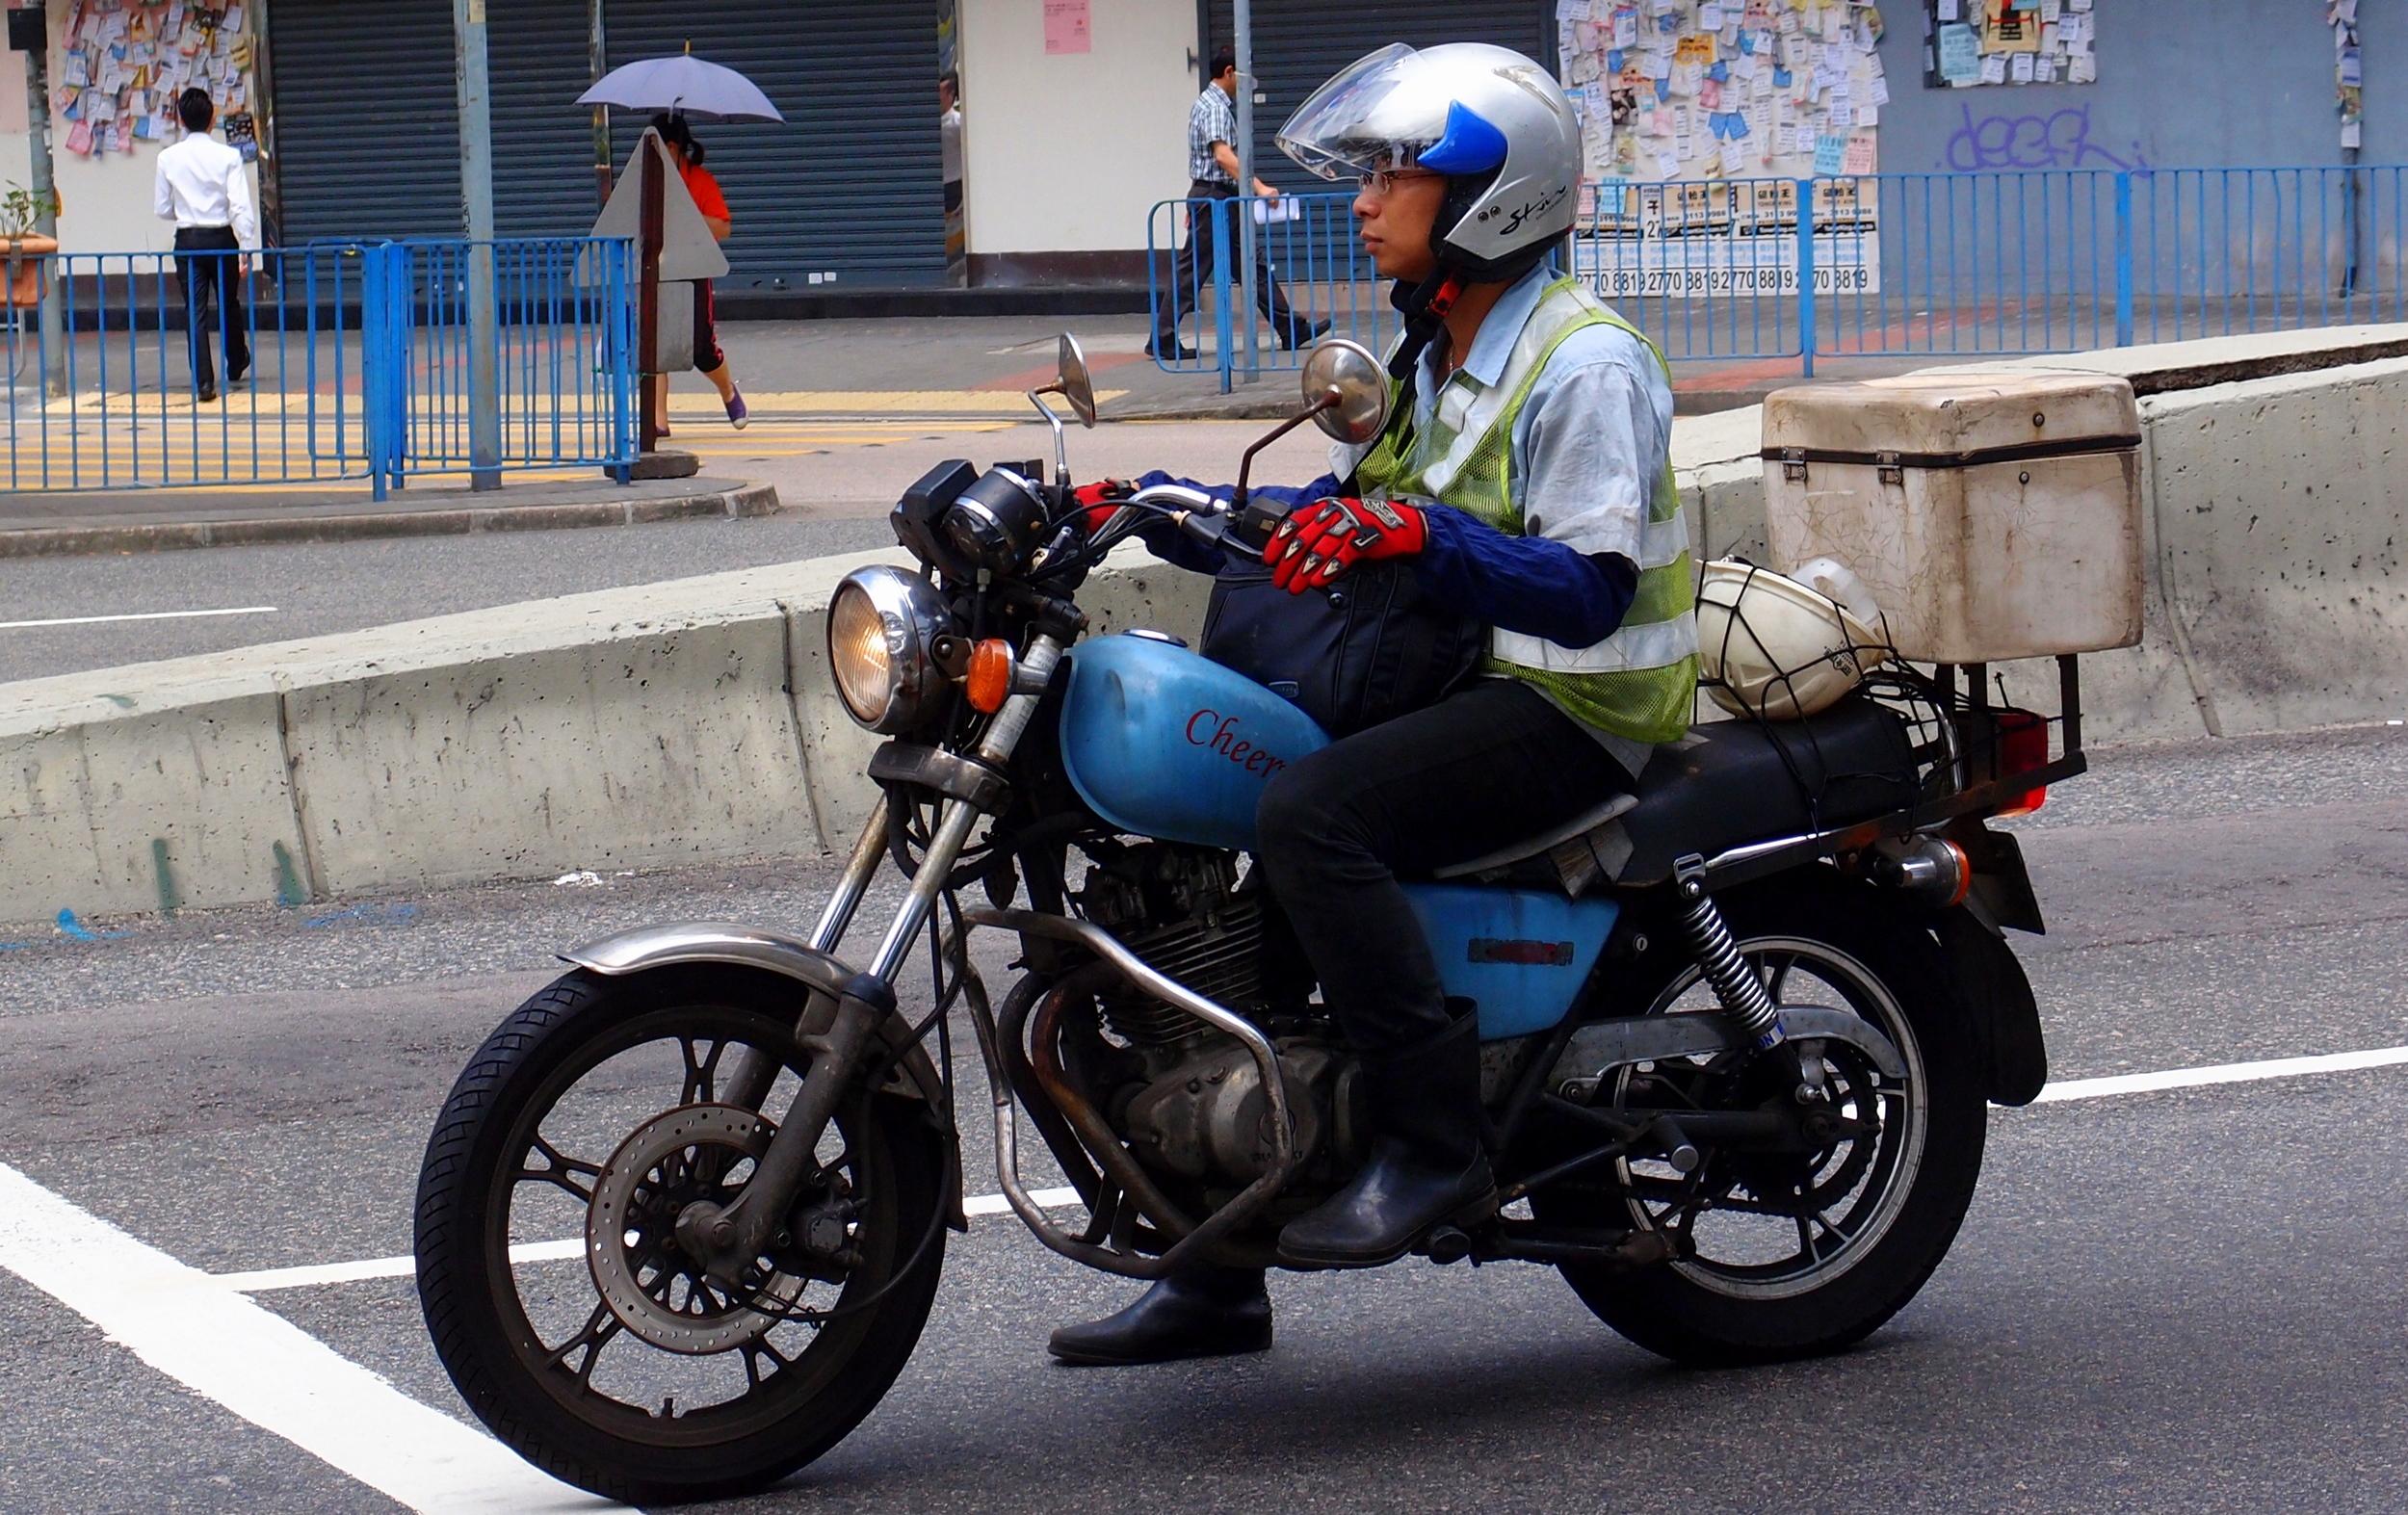 Not your typical Hong Kong Biker